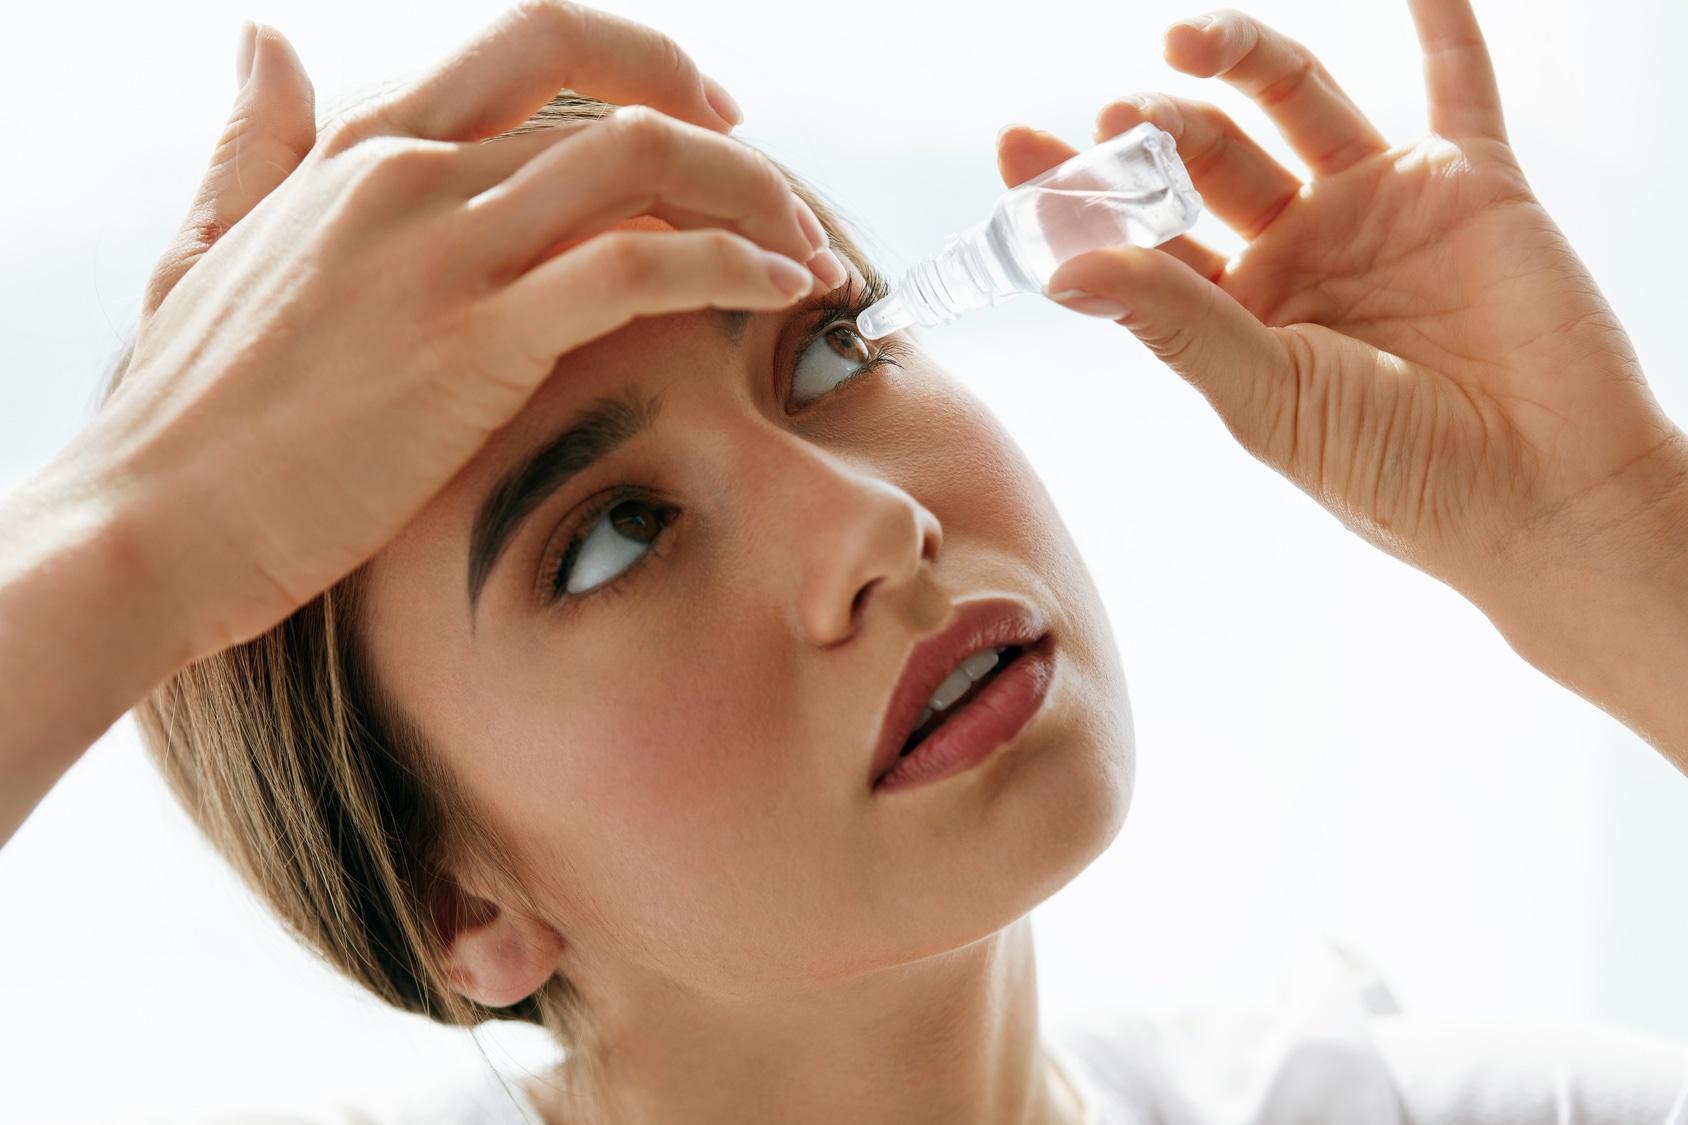 3f8e1f7d8f Síntomas del ojo seco: causas y prevención | CinfaSalud